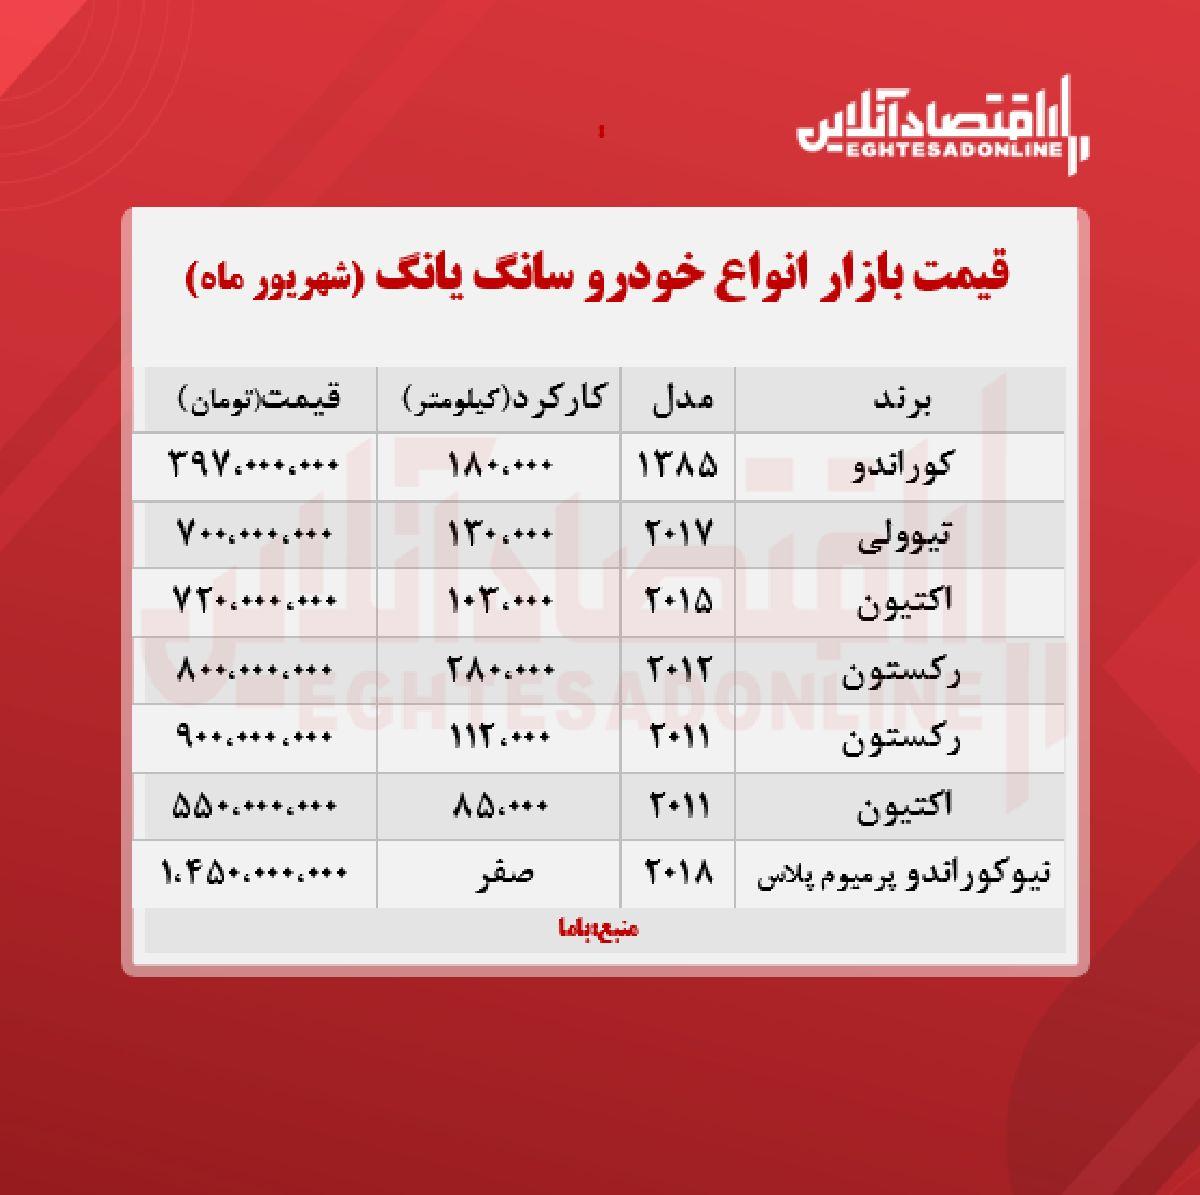 قیمت سانگ یانگ به بیش از ۱ میلیارد رسید + جدول